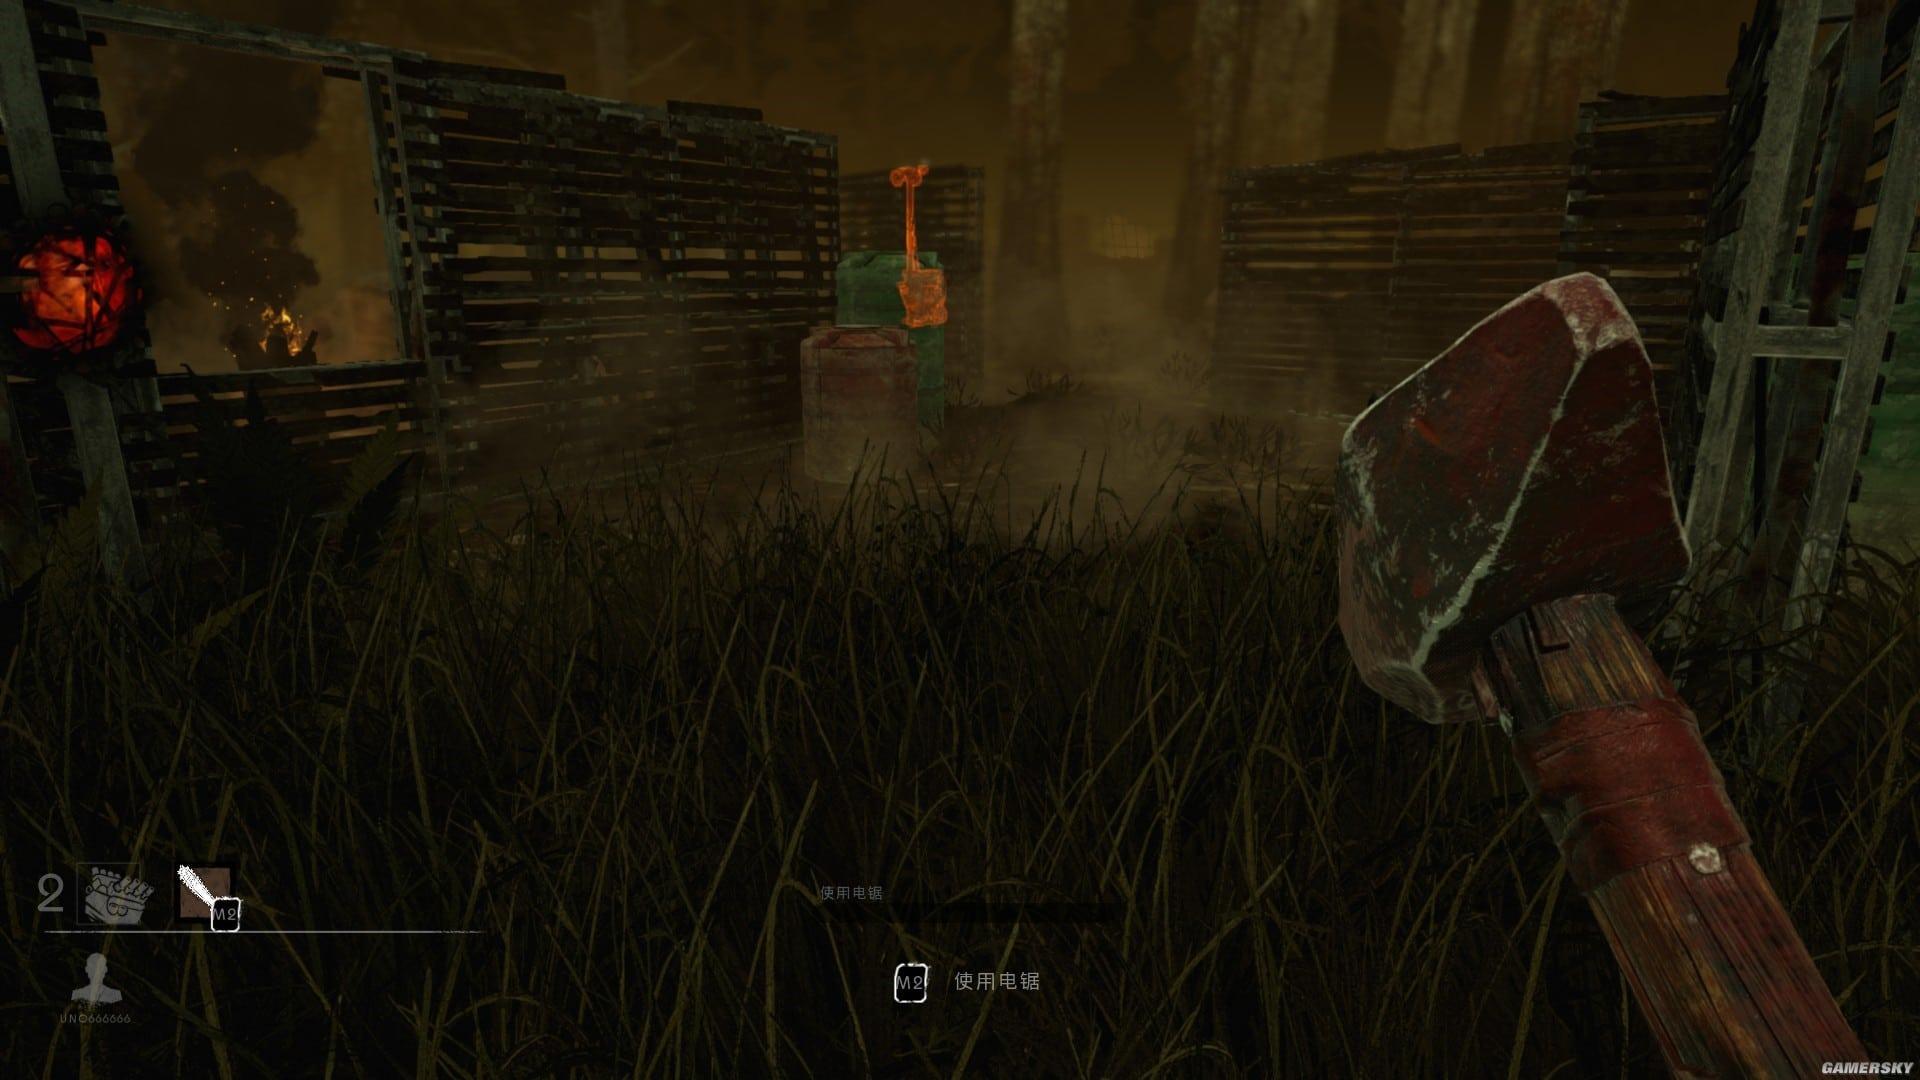 黎明死線 Dead by Daylight 倖存者技能推薦及地圖玩法攻略 倖存者攻略